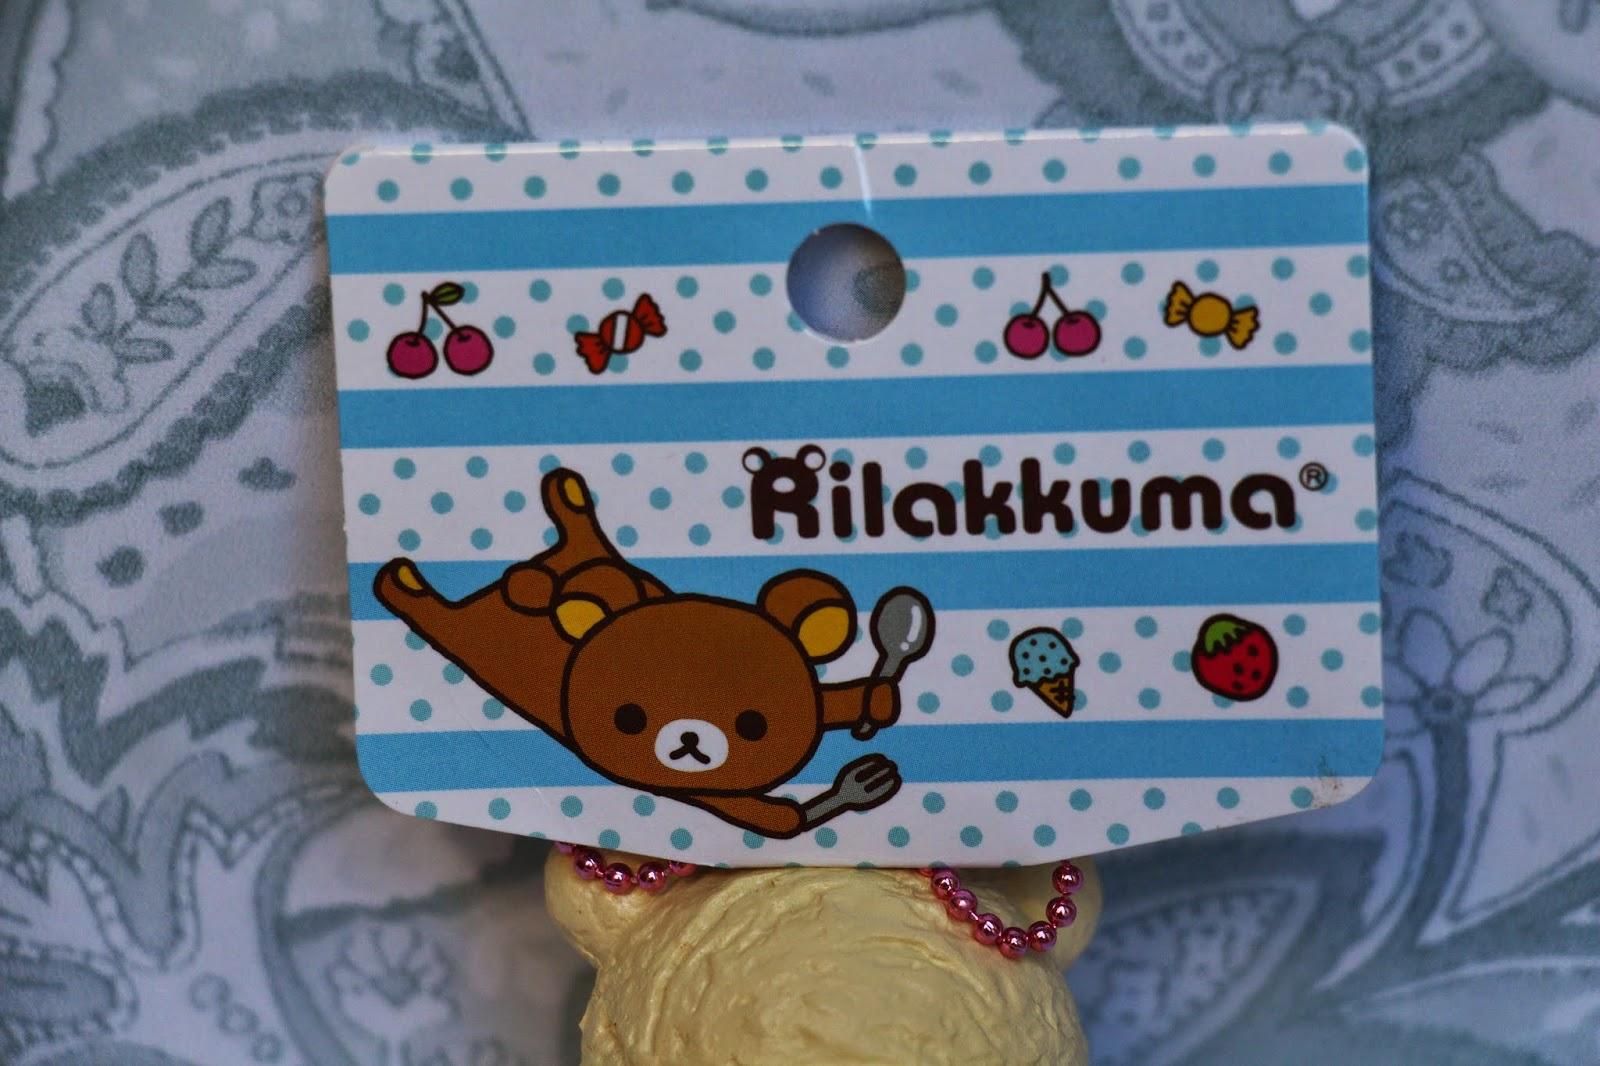 Rilakkuma Tag Squishy Supplier : Marshmallow Pandas: New Rilakkuma Squishy!